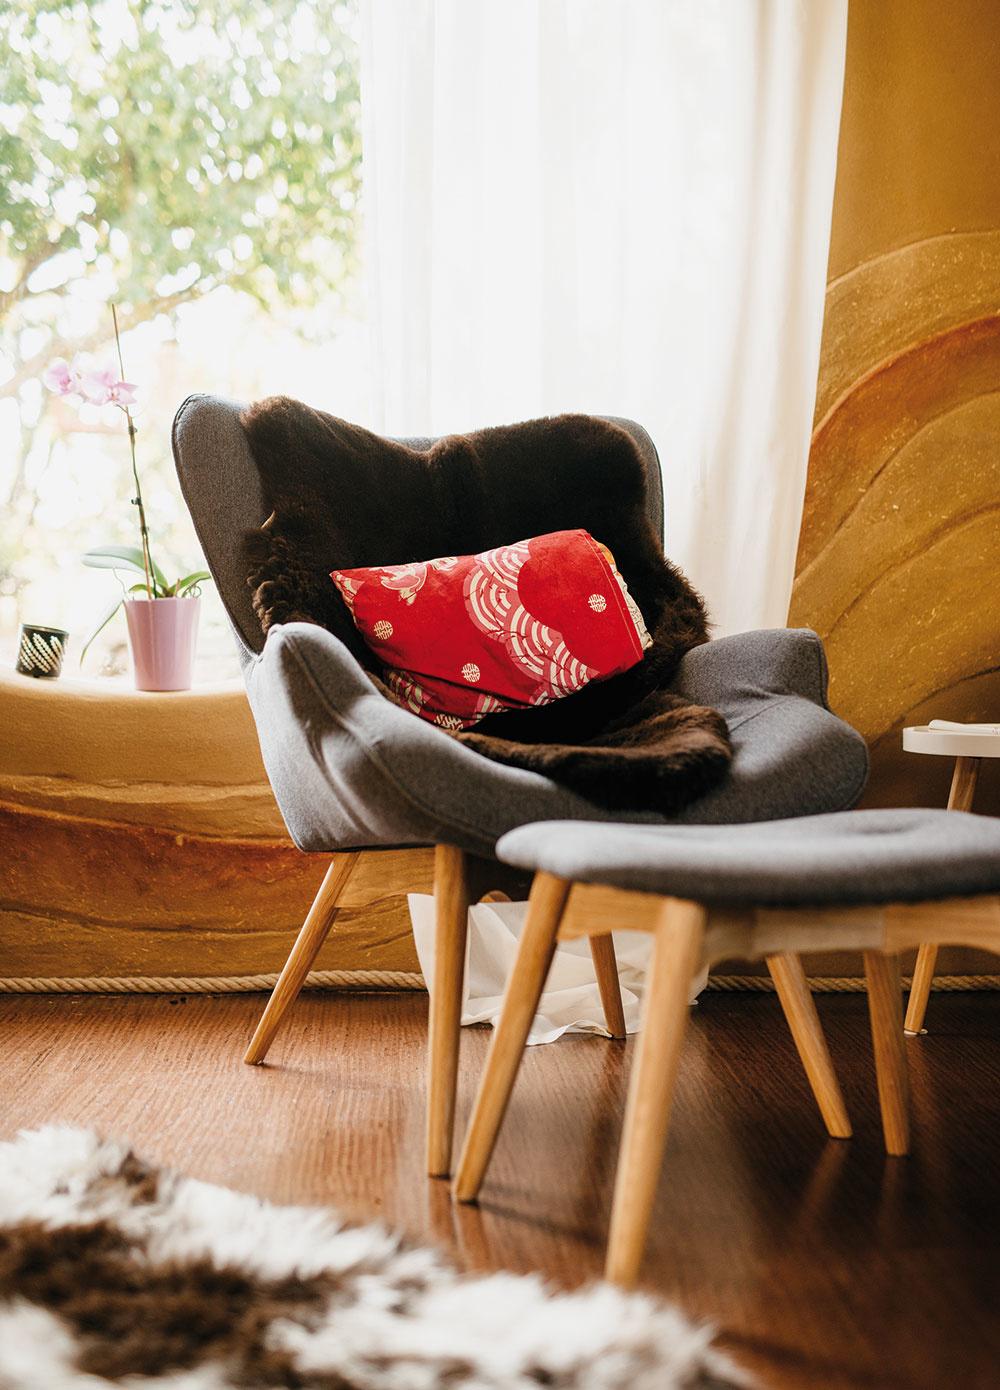 Sedenie do polkruhu podporuje príjemný rozhovor. Takúto flexibilitu sedenia poskytujú solitérne kreslá.  www.jysk.sk